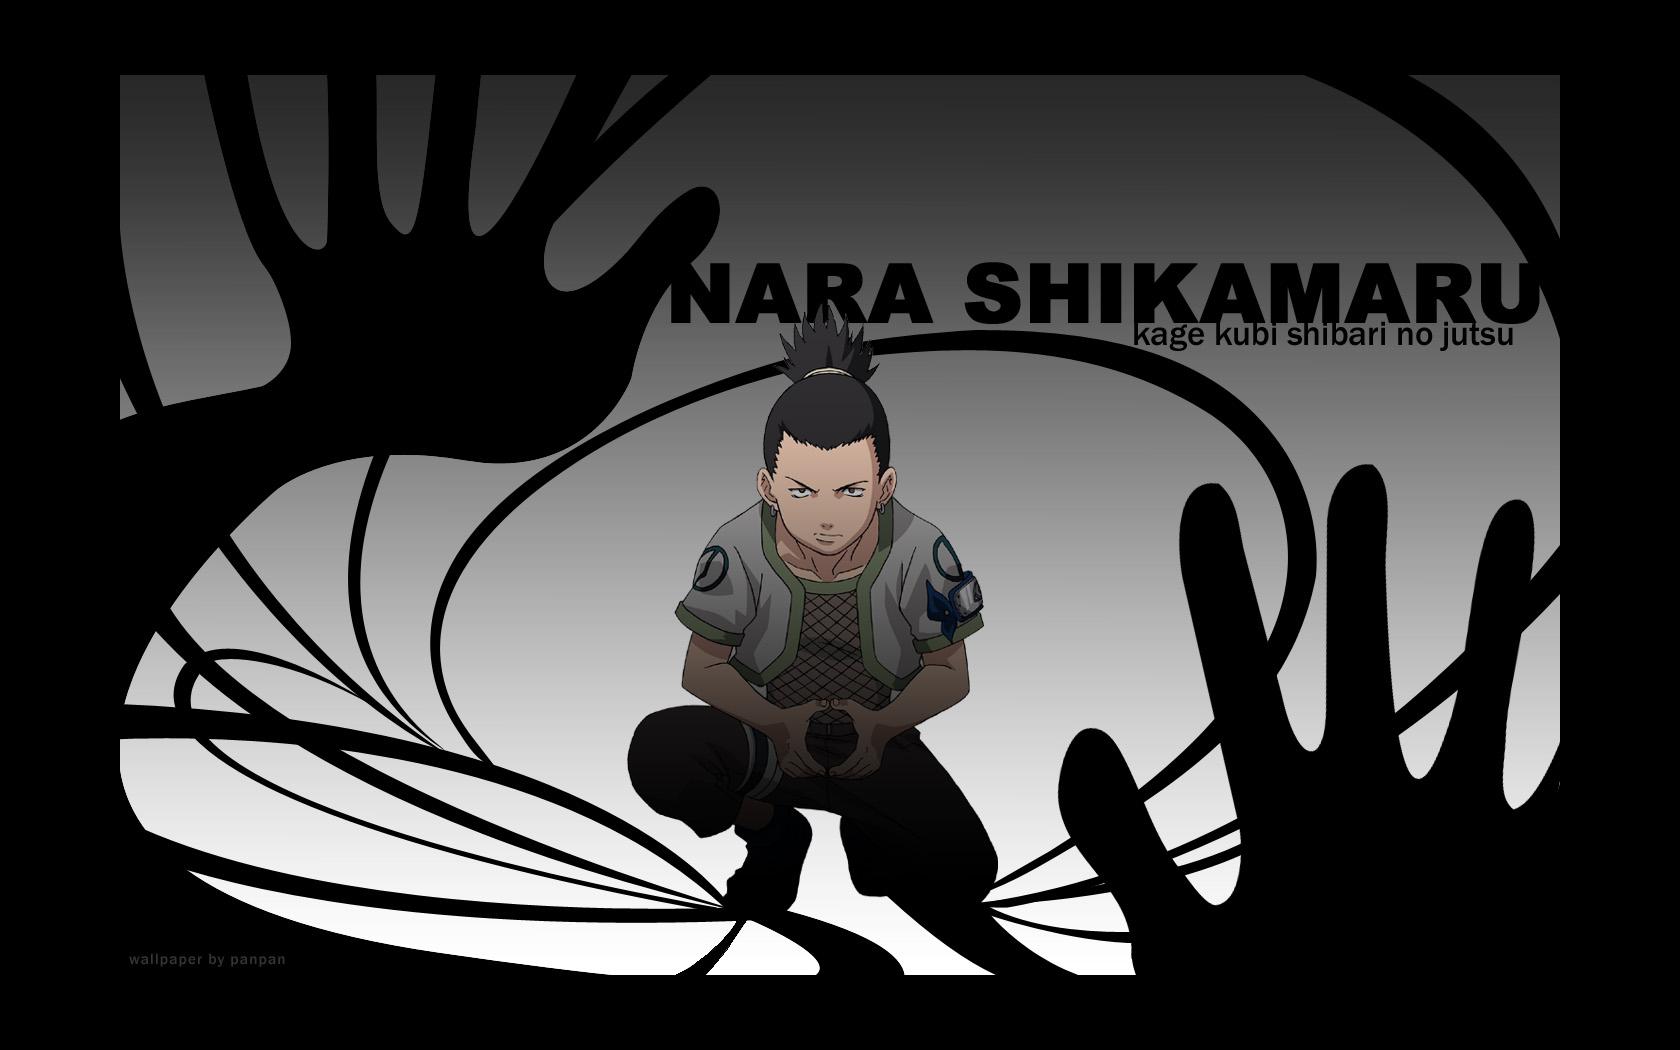 Naruto Wallpaper: Shikamaru: Kage Kubi Shibari No Jutsu ...